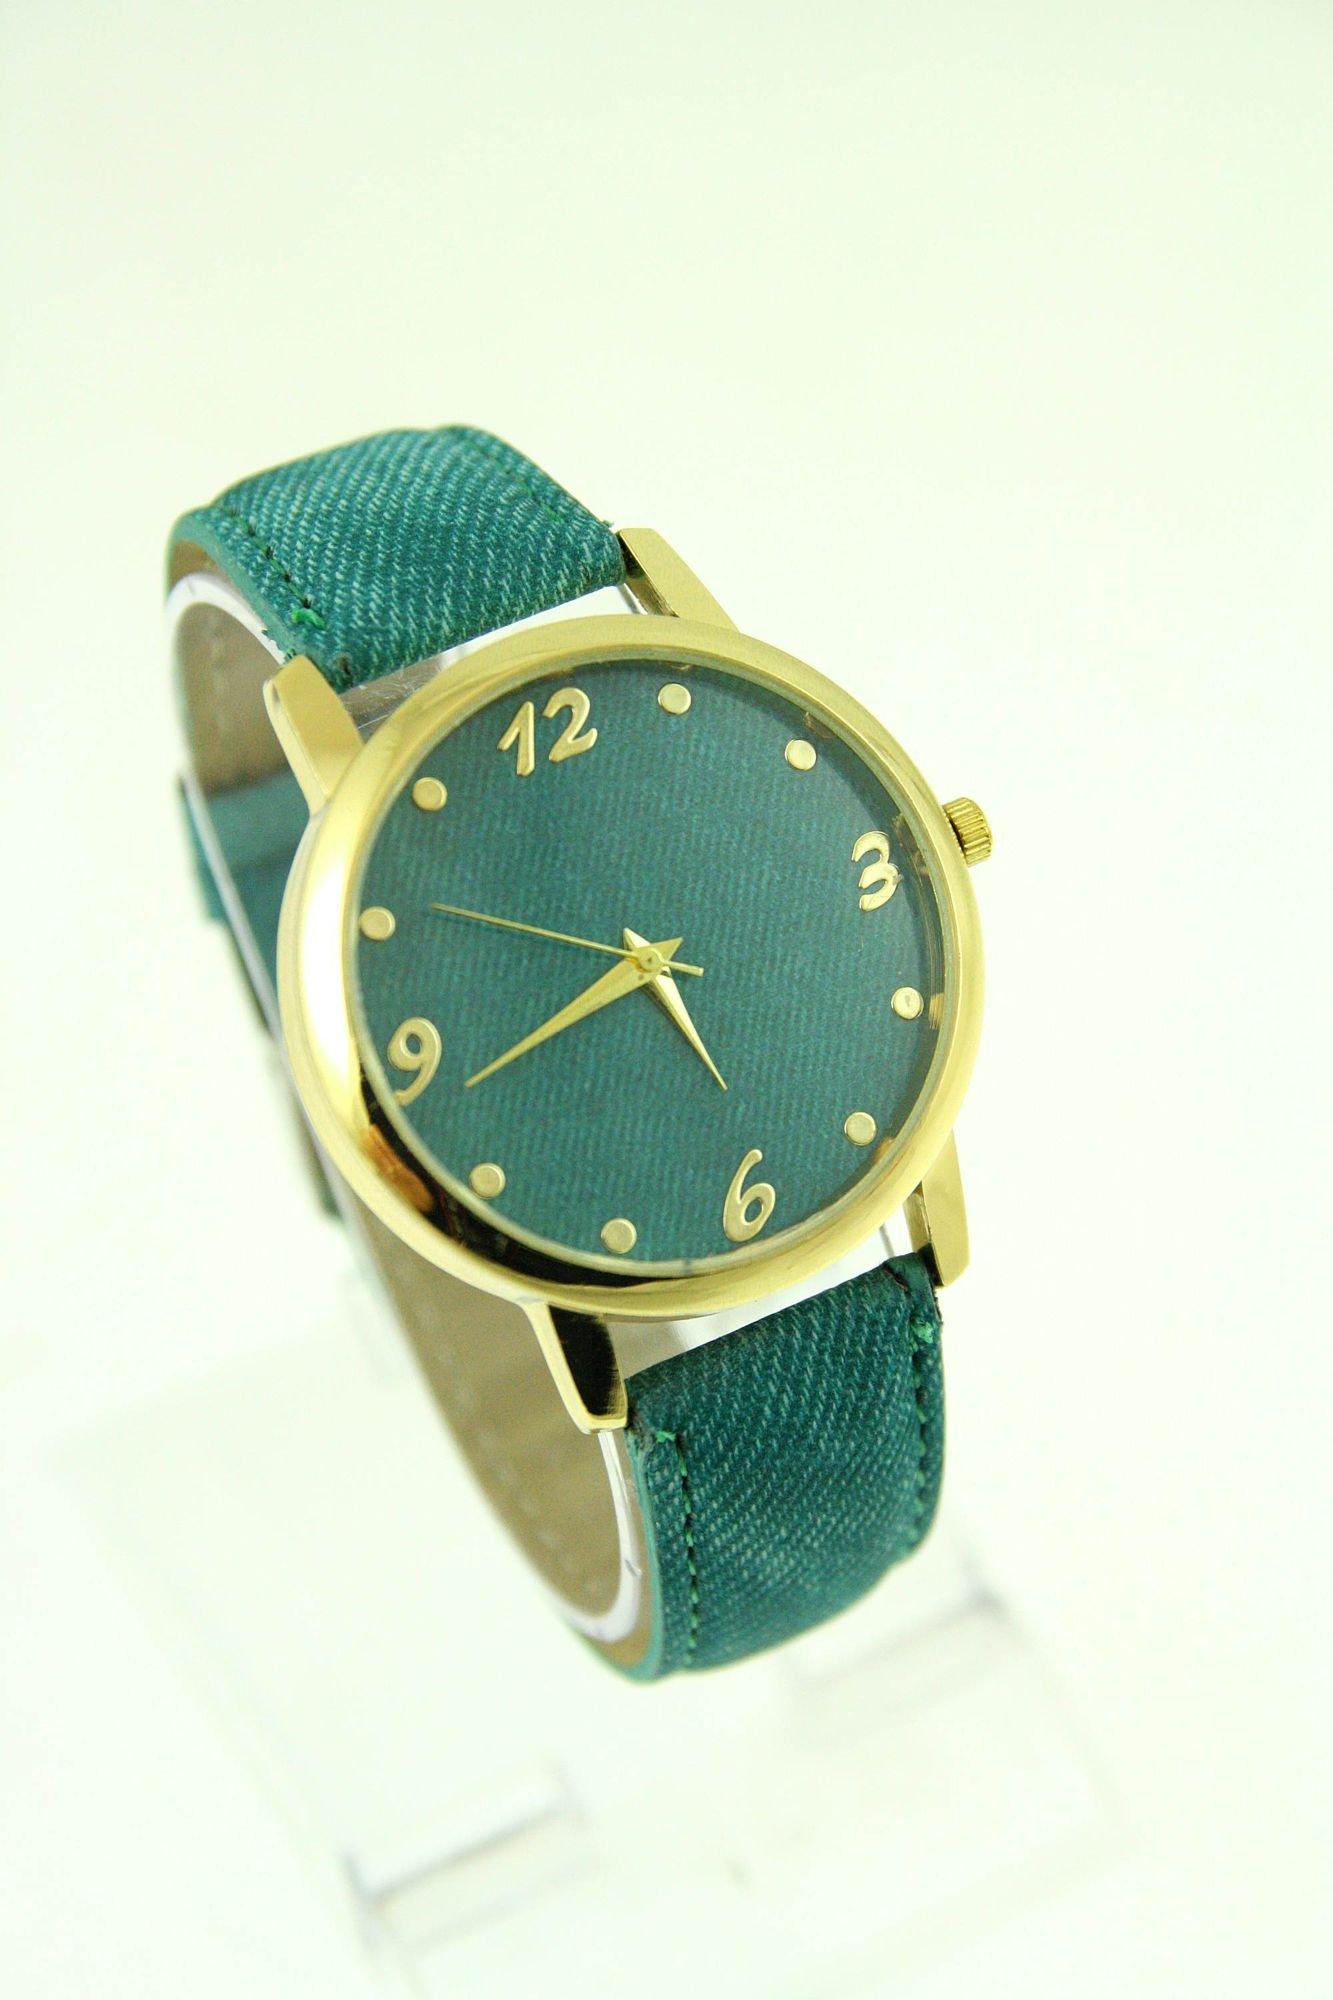 Miętowy zegarek damski z imitacją jeansu na skórzanym pasku                                  zdj.                                  1